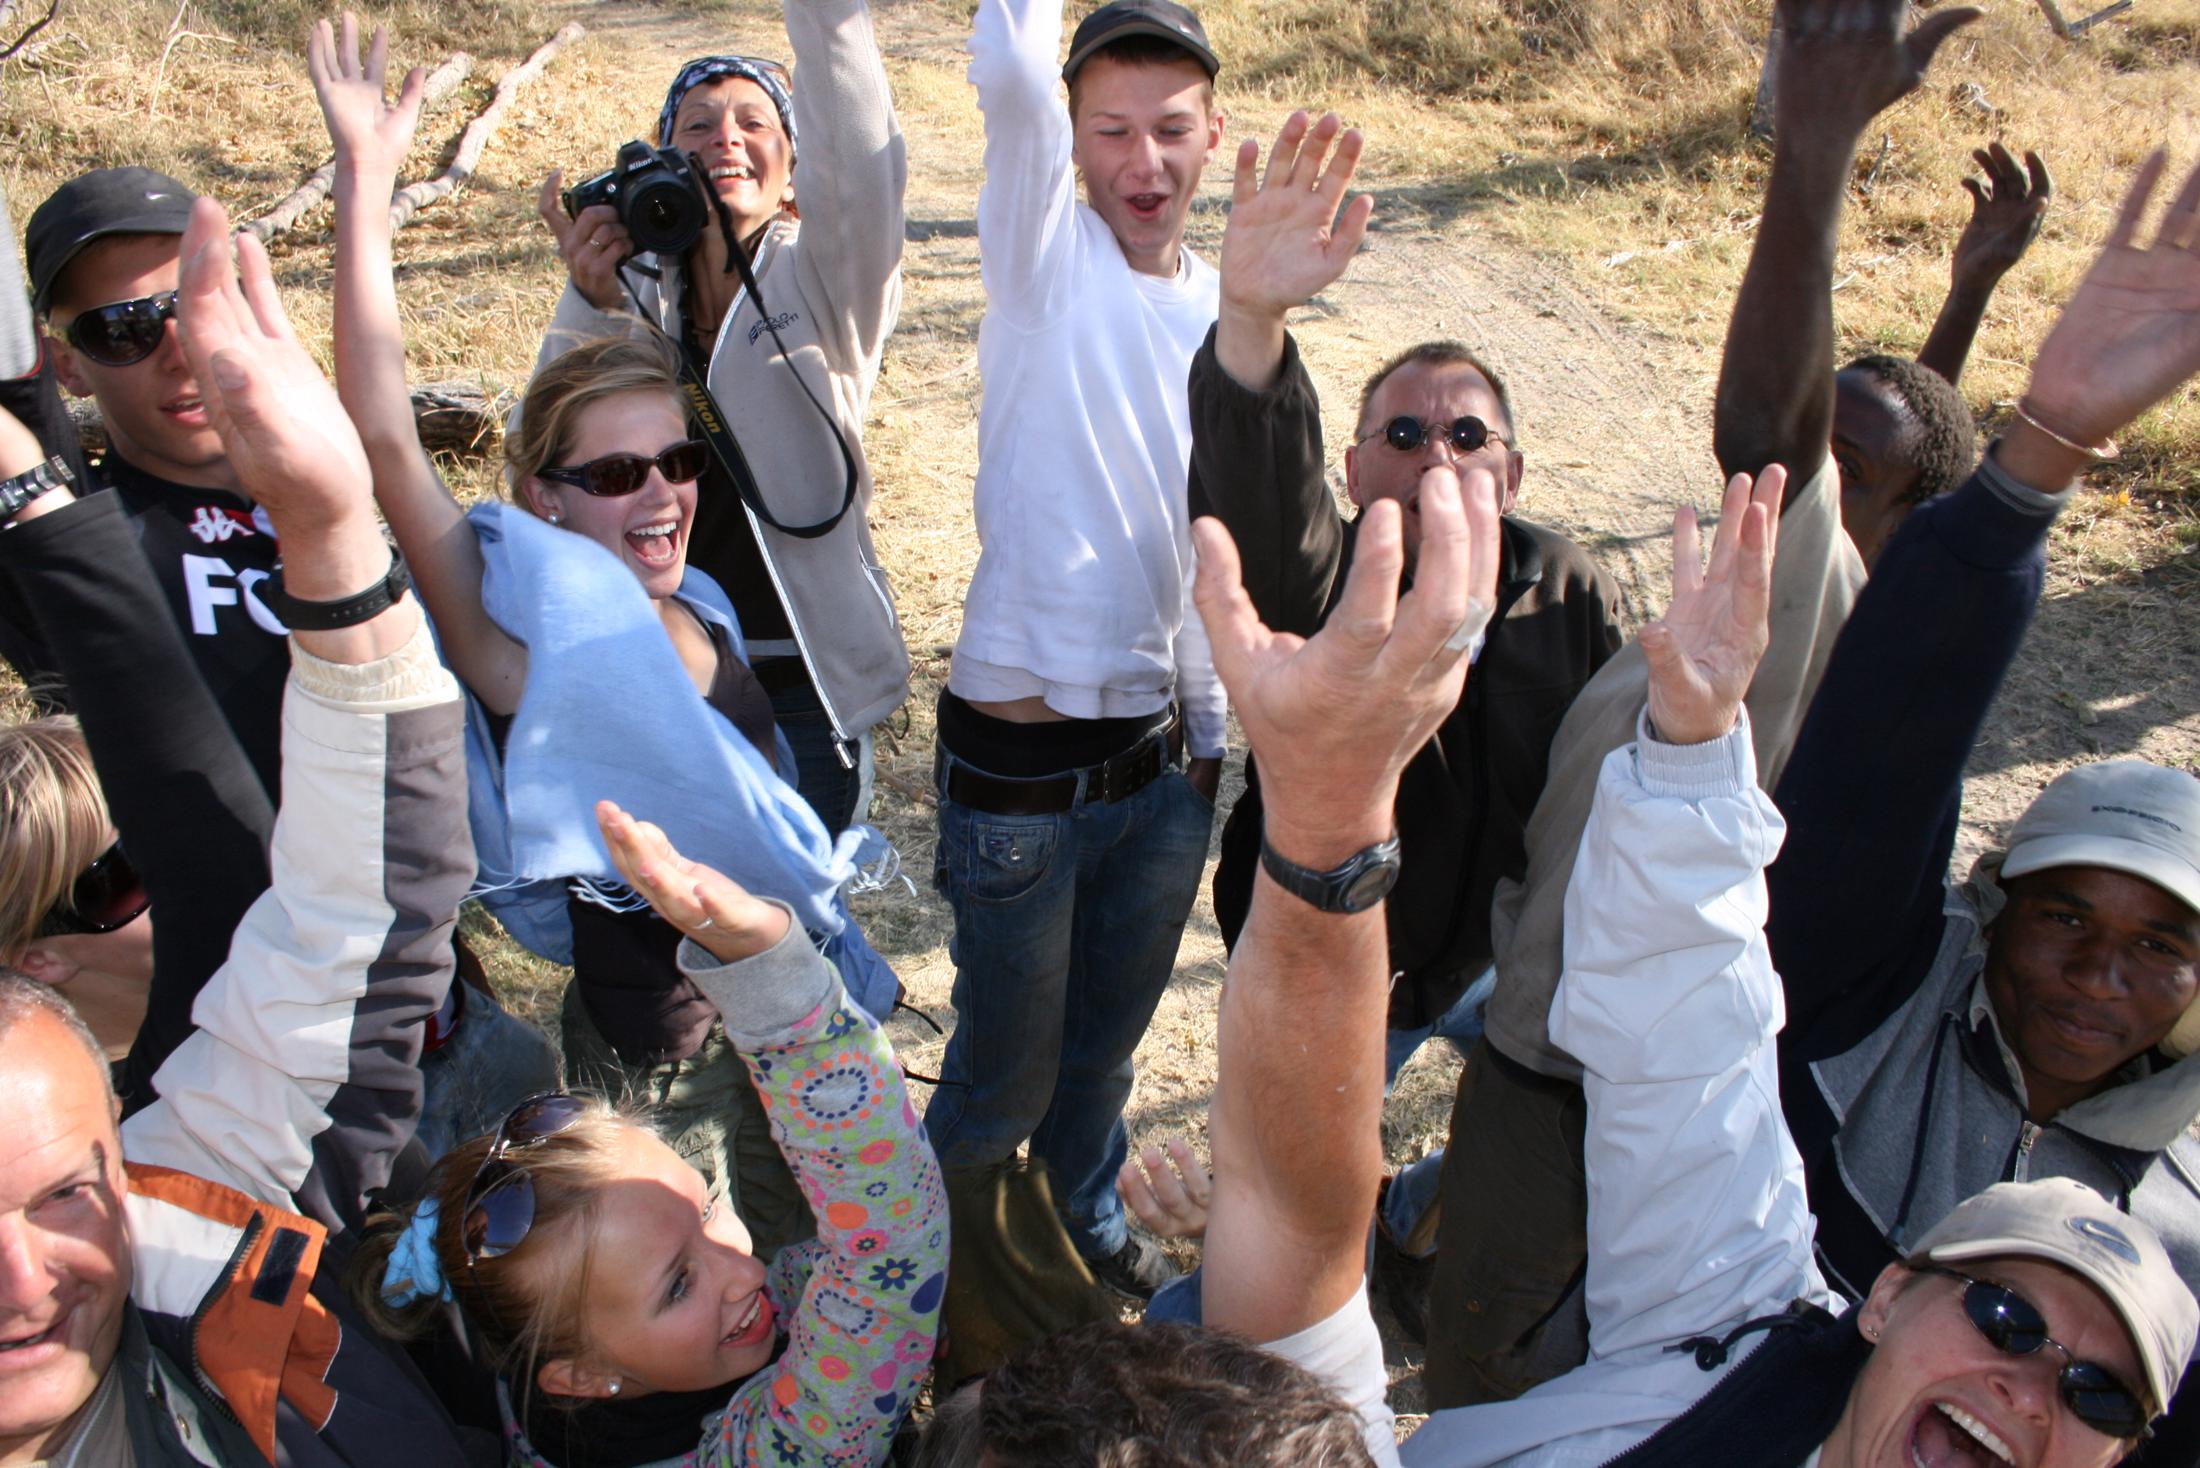 Familiereizen Namibië - Bij een familiegroep zijn er vaak veel verschillende wensen en meningen.